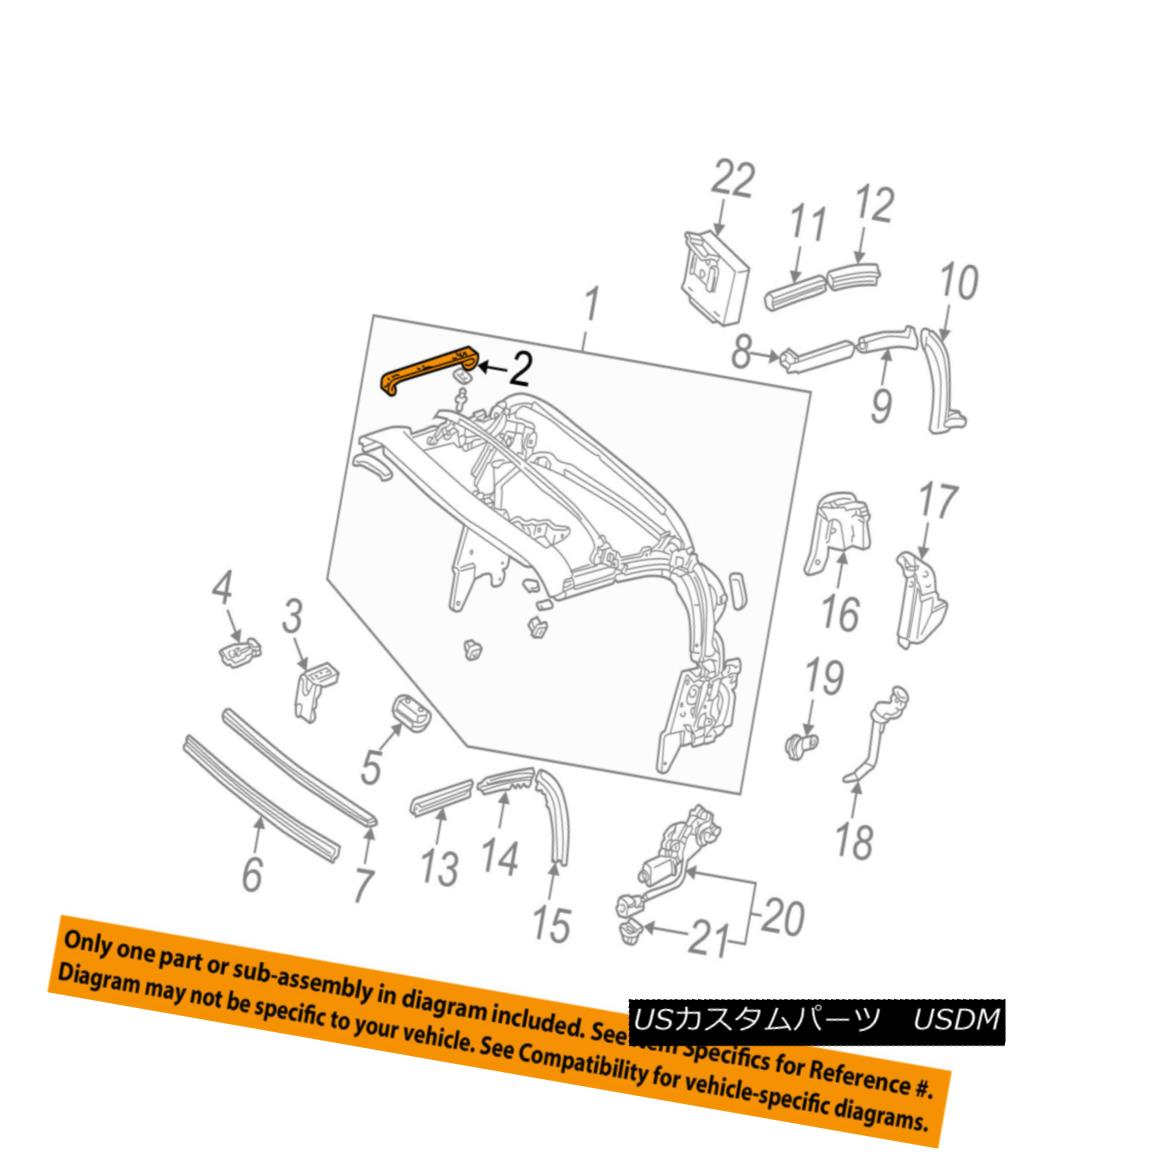 幌・ソフトトップ HONDA OEM 02-09 S2000 Convertible/soft Top-Band 86020S2AJ01 ホンダOEM 02-09 S2000コンバーチブル/ so ftトップバンド86020S2AJ01